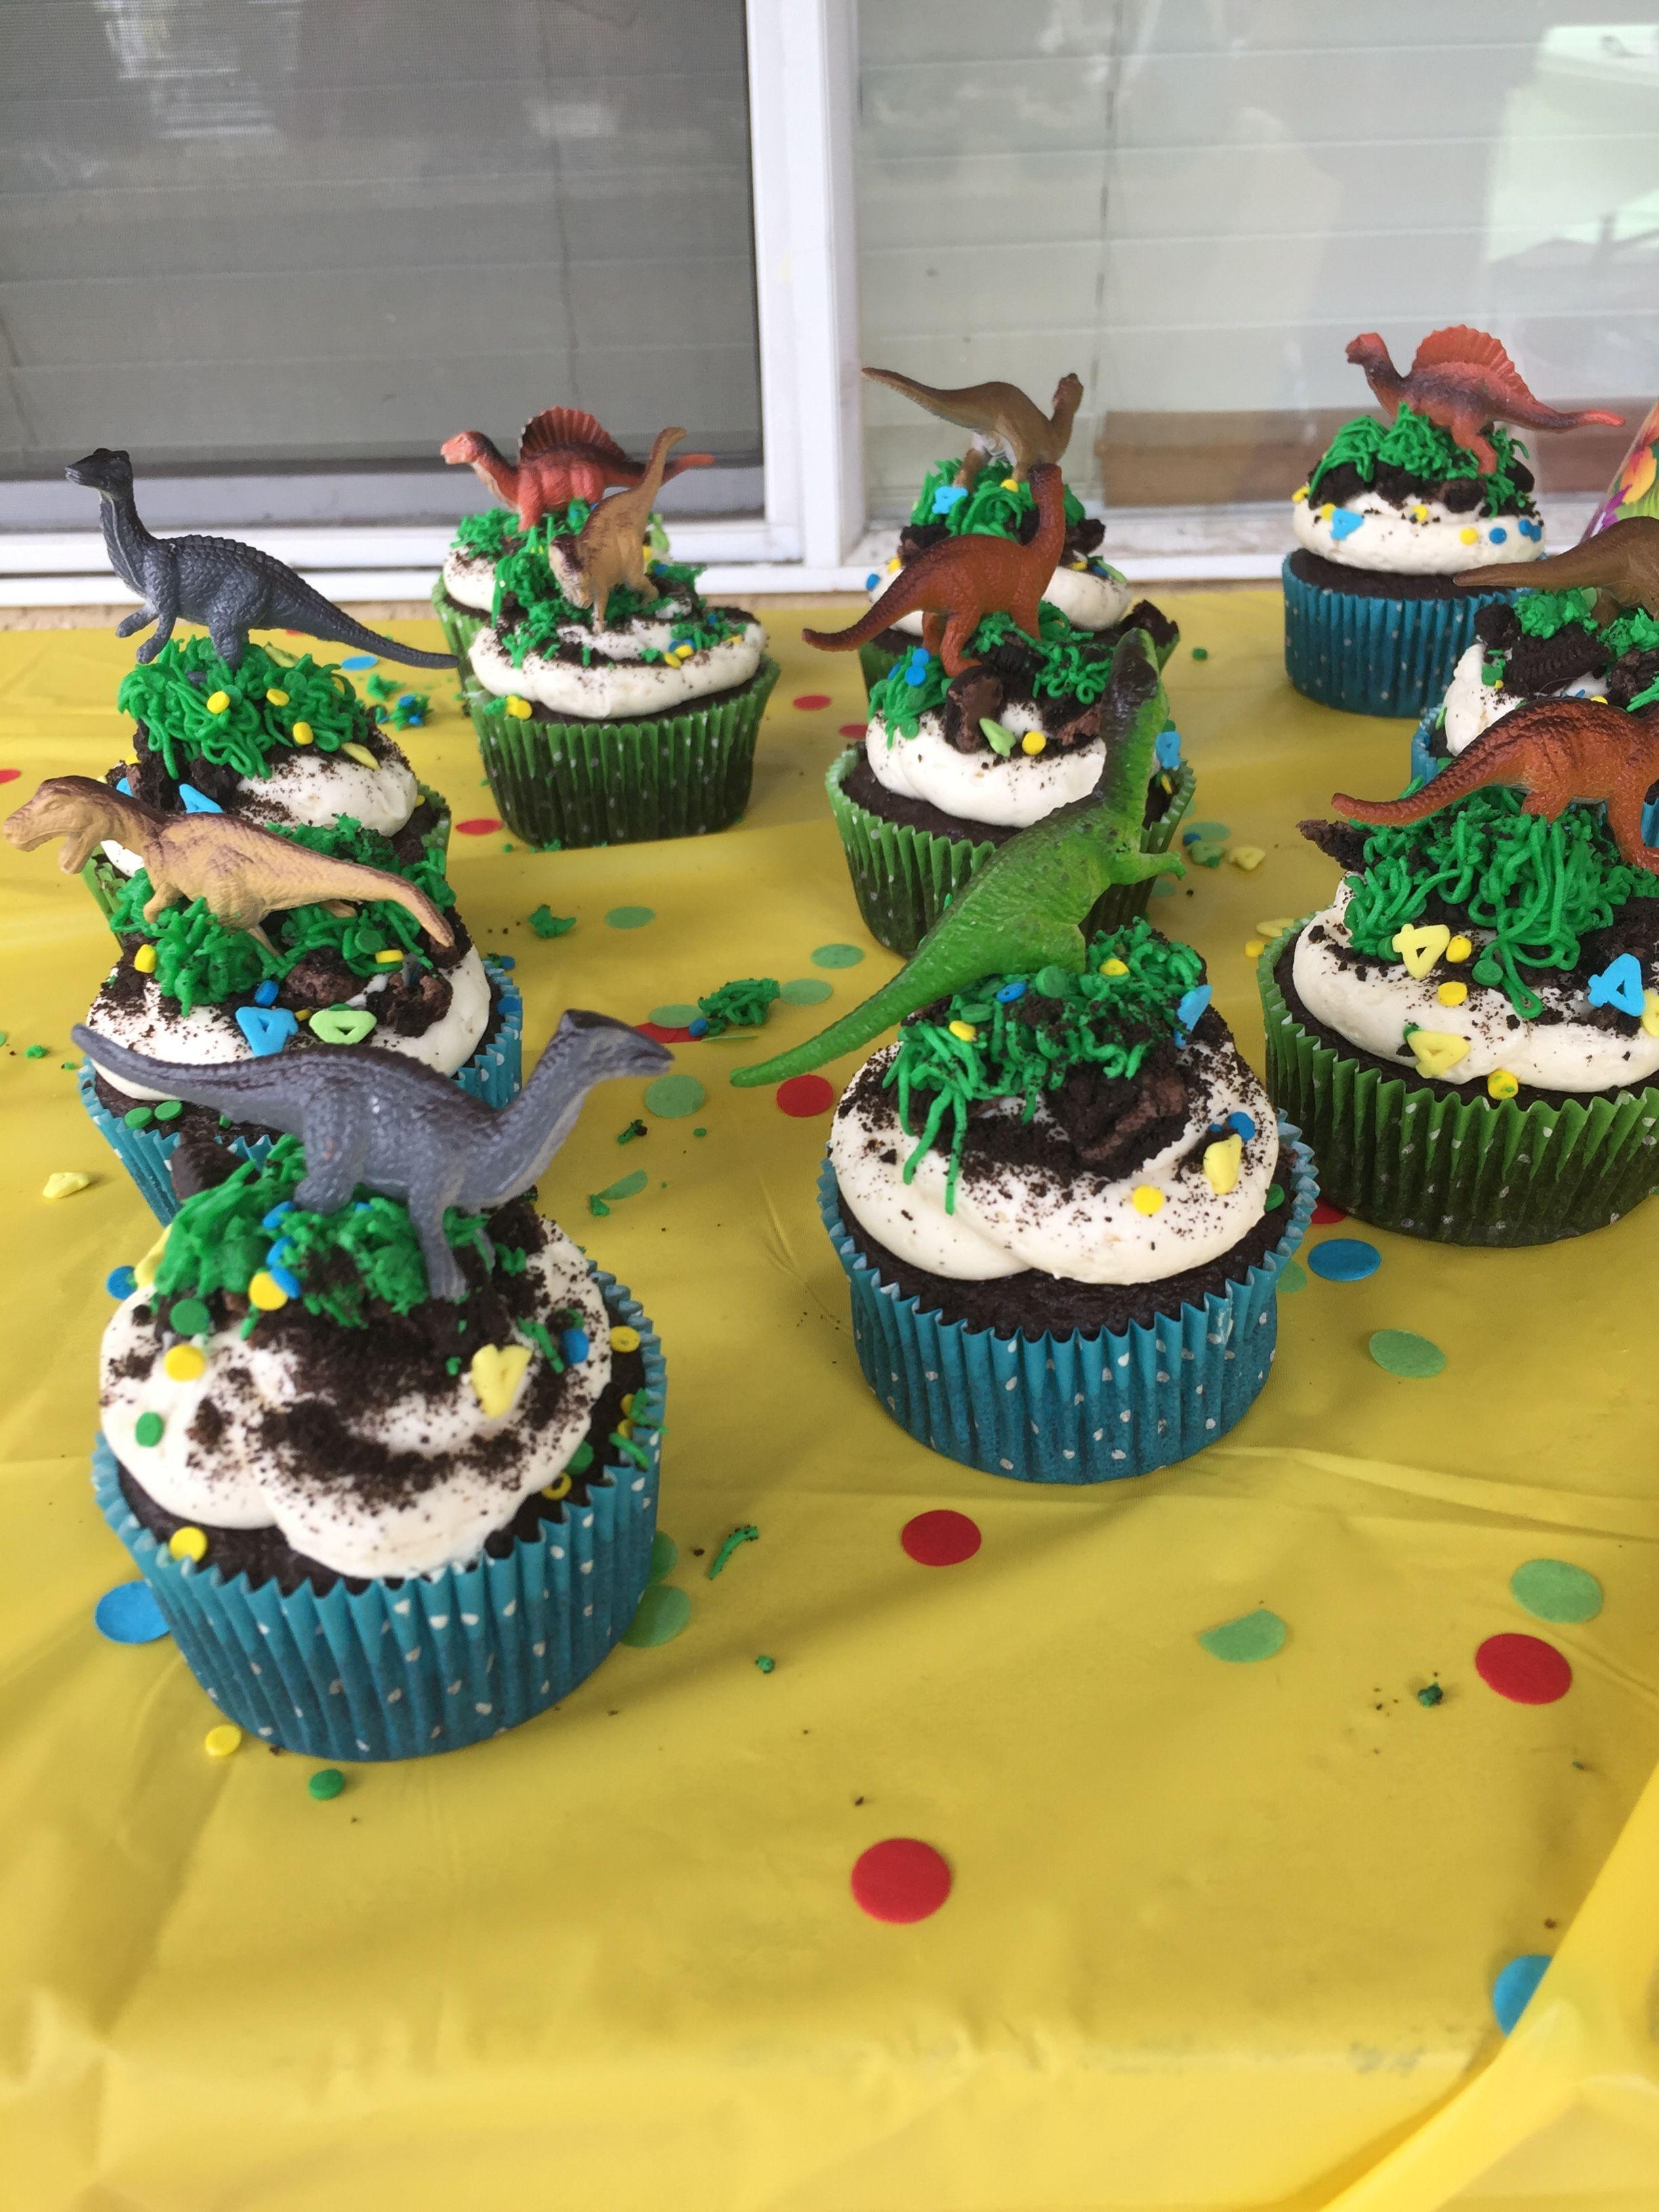 Enjoyable Dinosaur Cupcakes Kids Birthday Cupcakes Dinosaur Birthday Funny Birthday Cards Online Ioscodamsfinfo